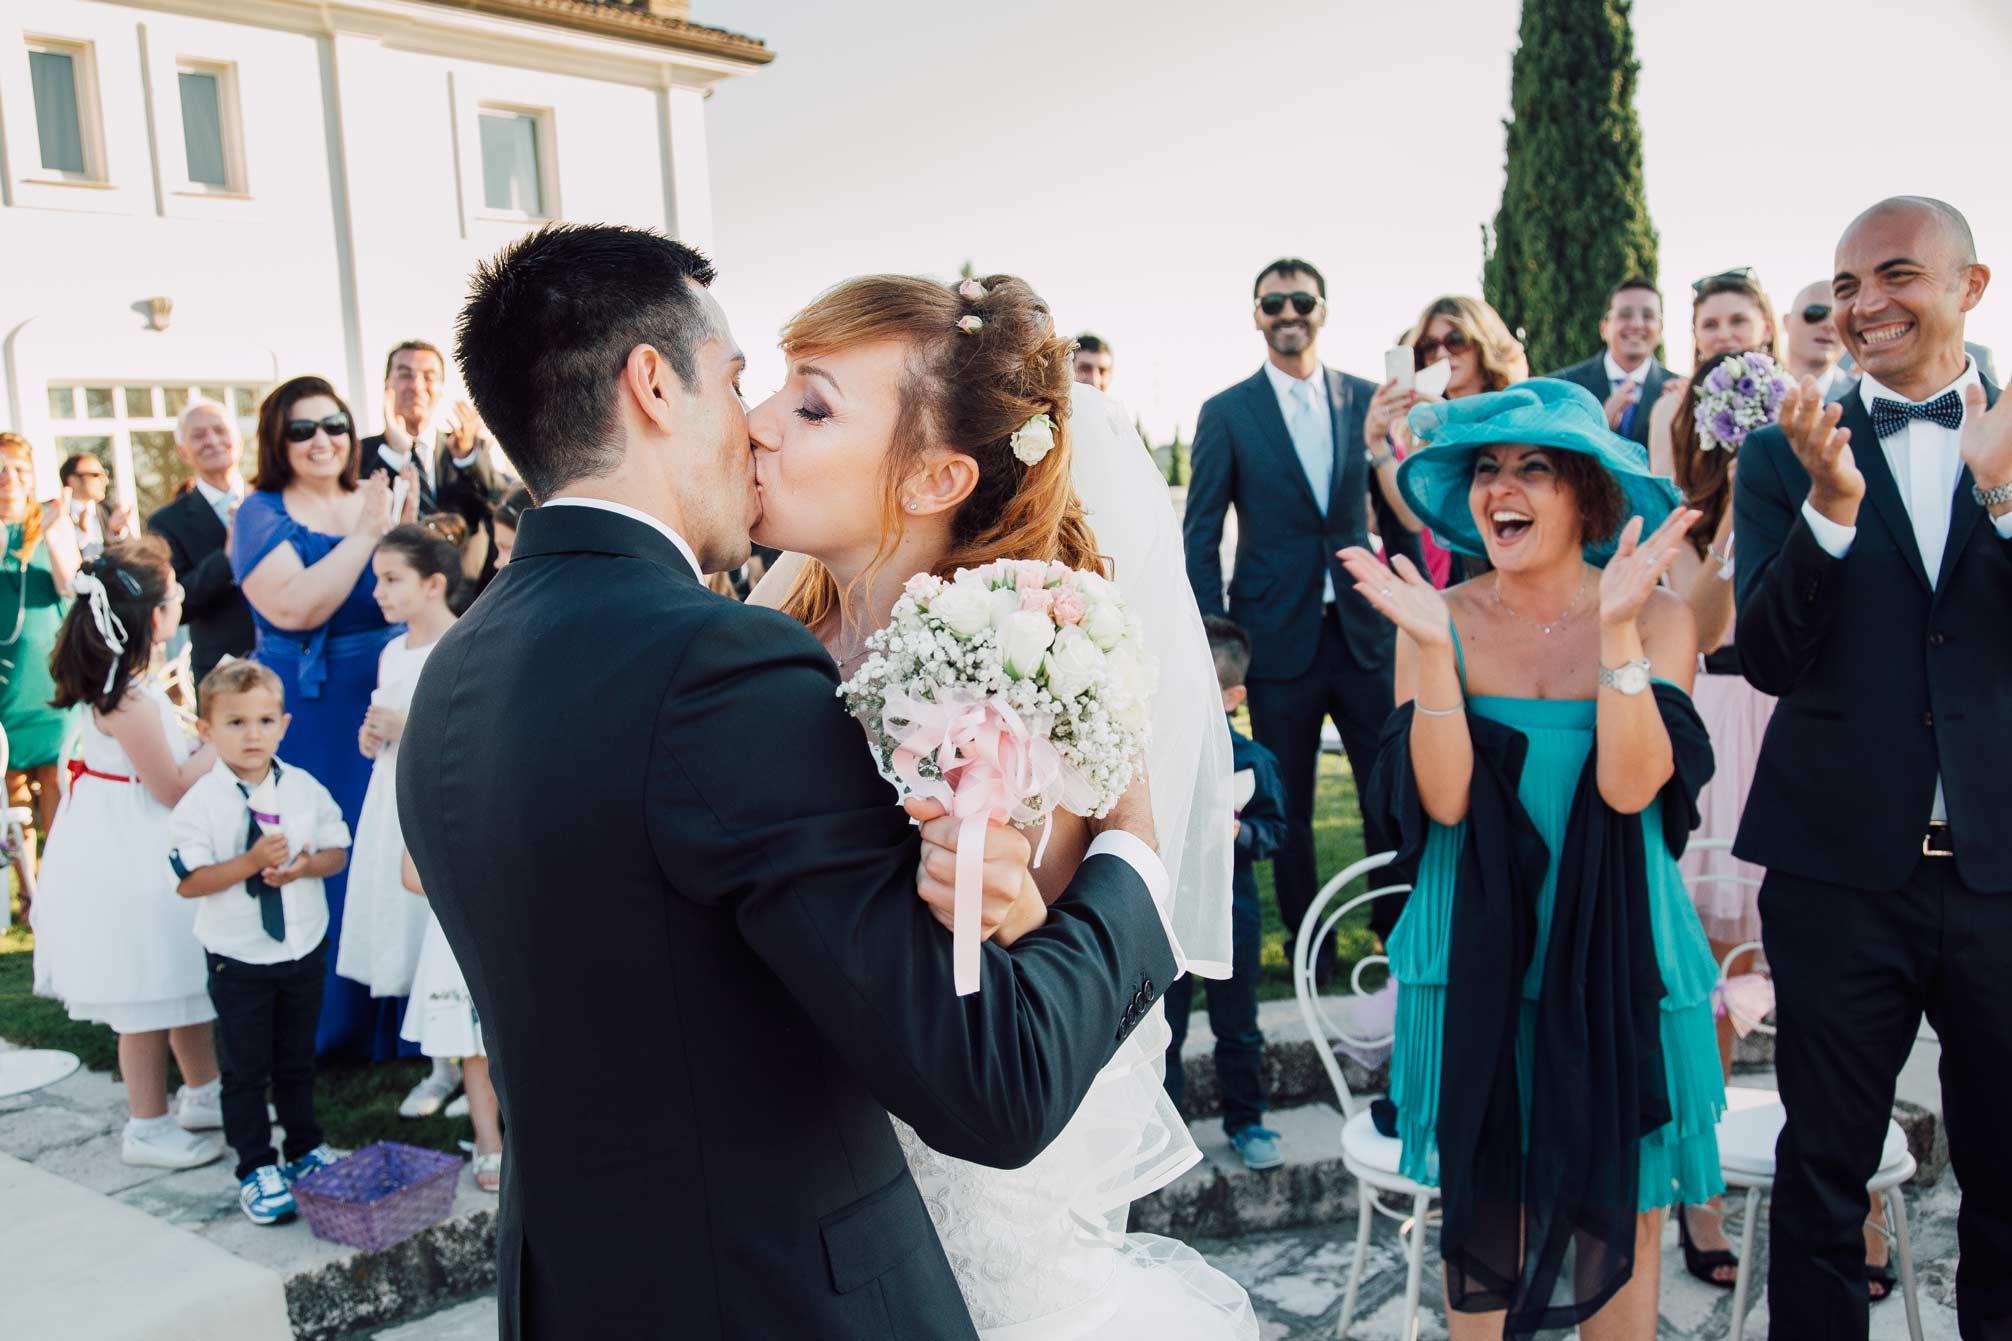 Fotografo-Stile-Reportage-Di-Matrimonio-Cerimonia